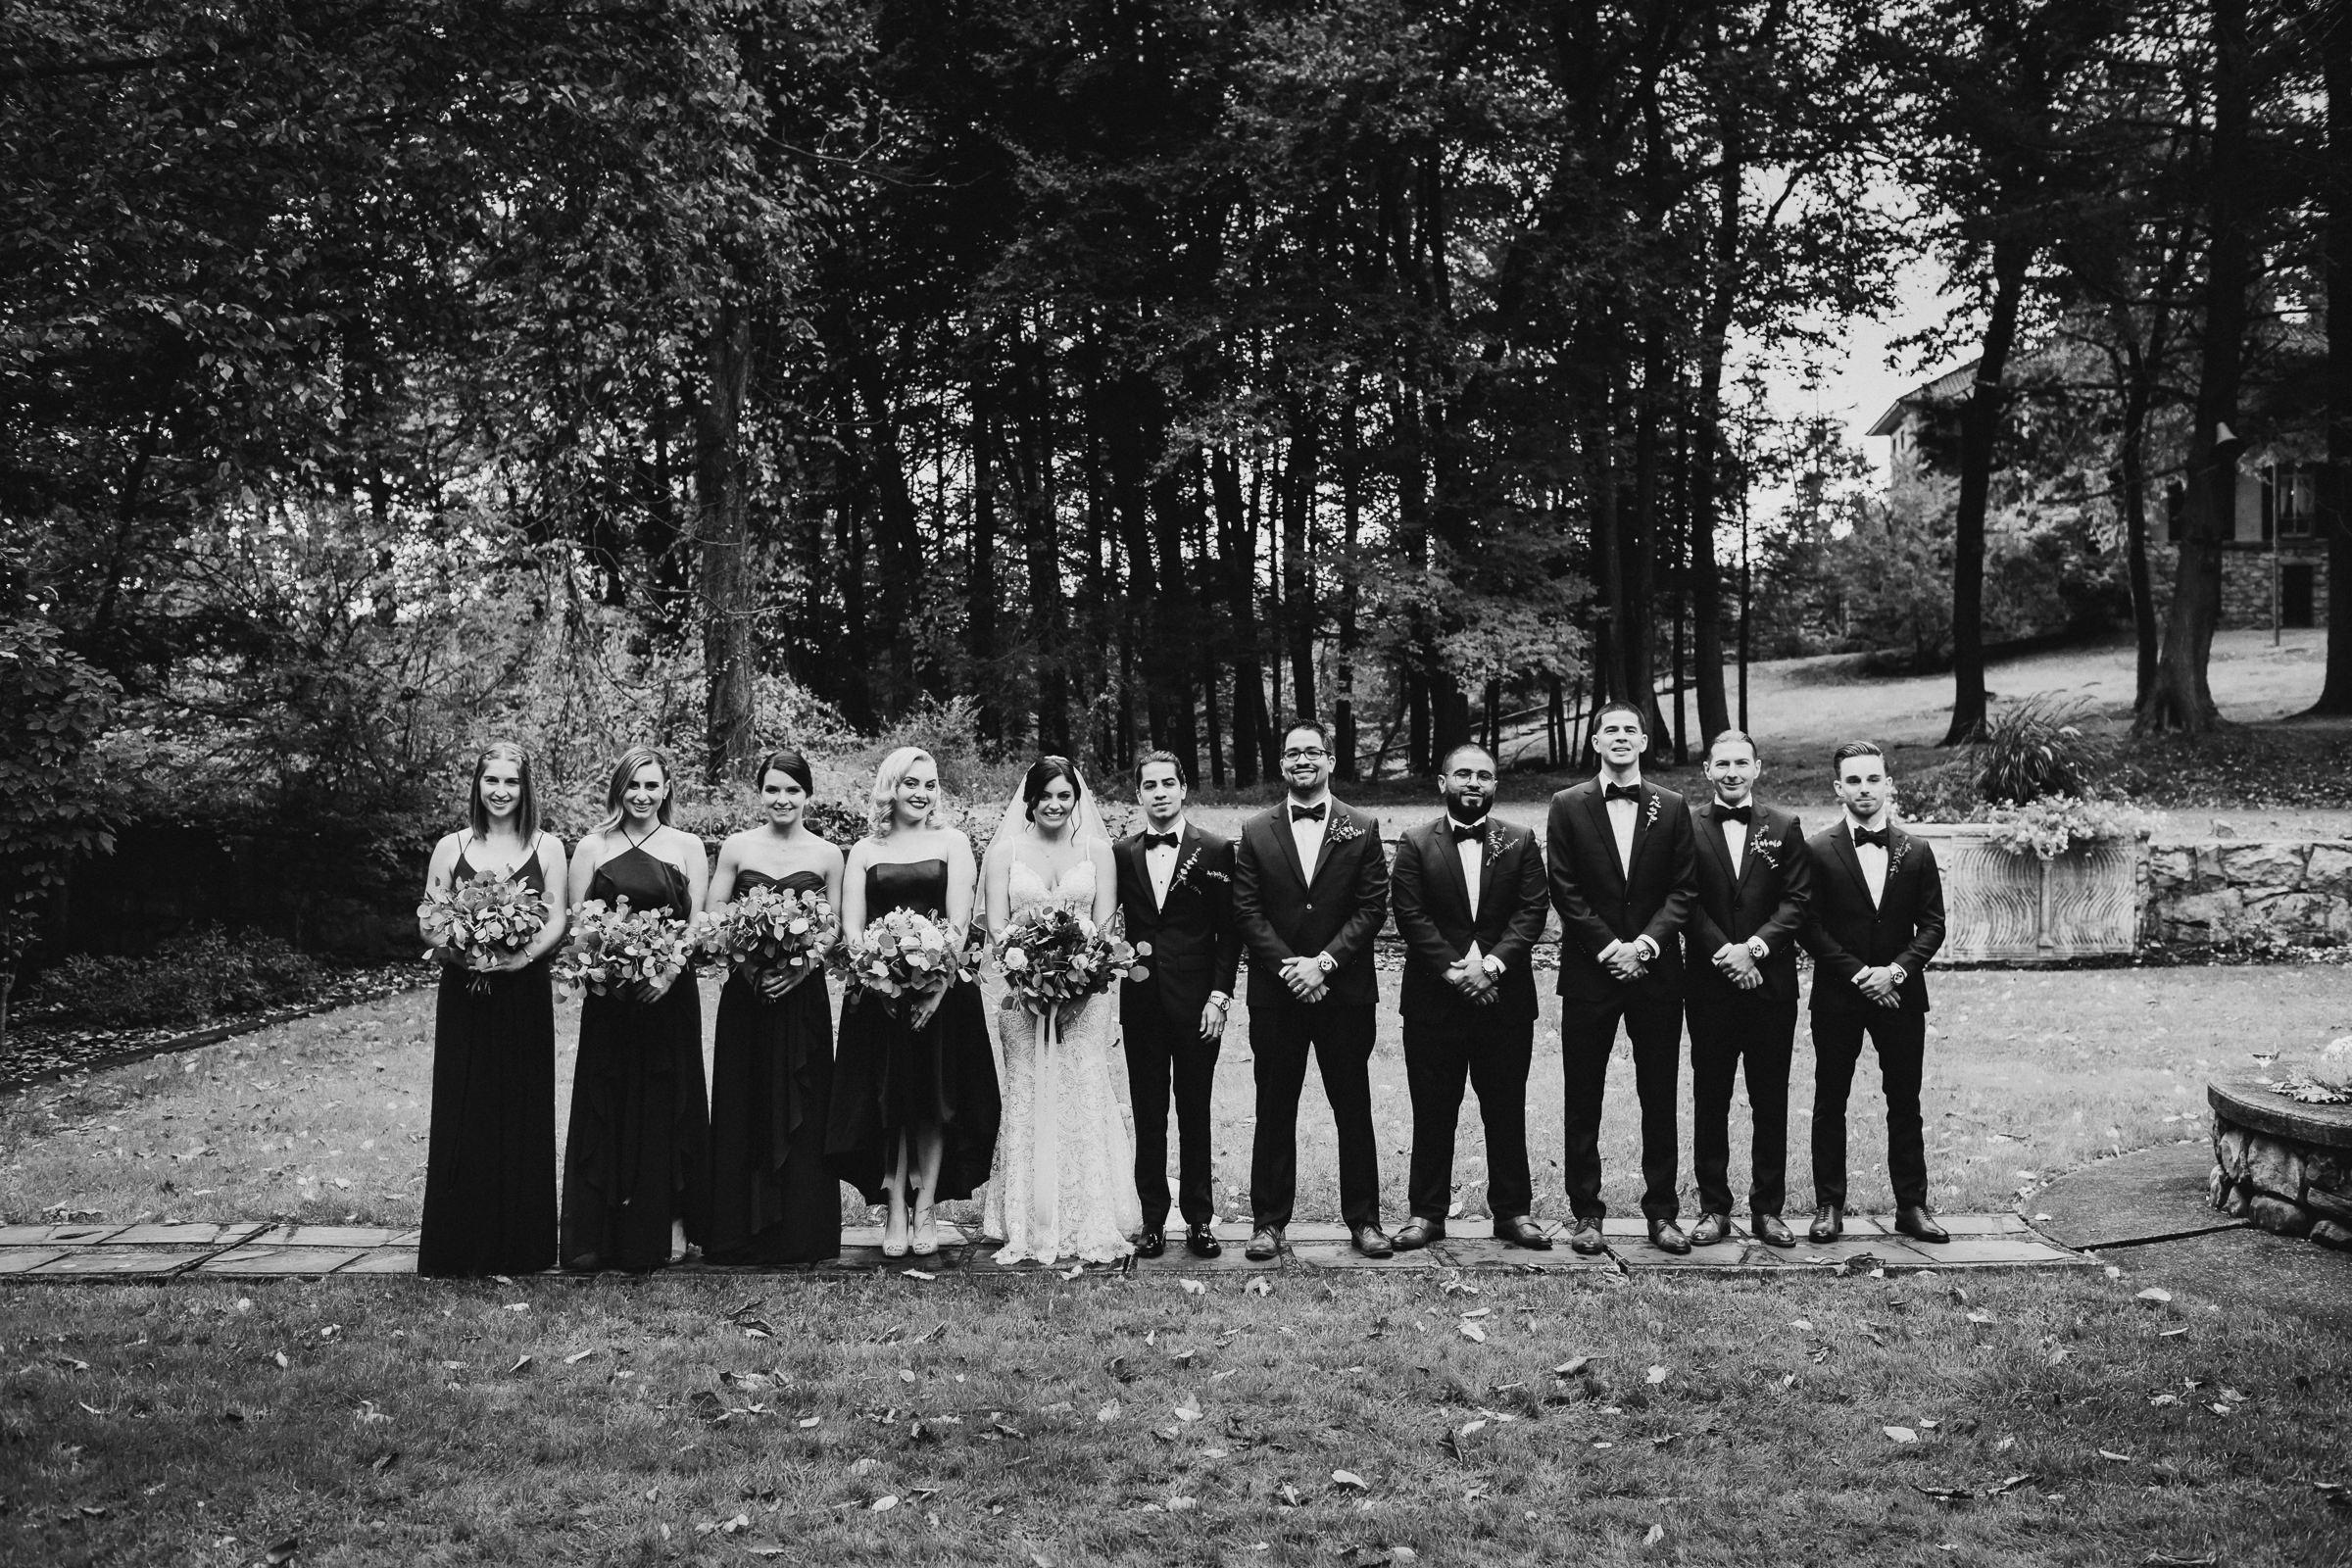 Arrow-Park-Monroe-NY-Documentary-Wedding-Photographer-60.jpg